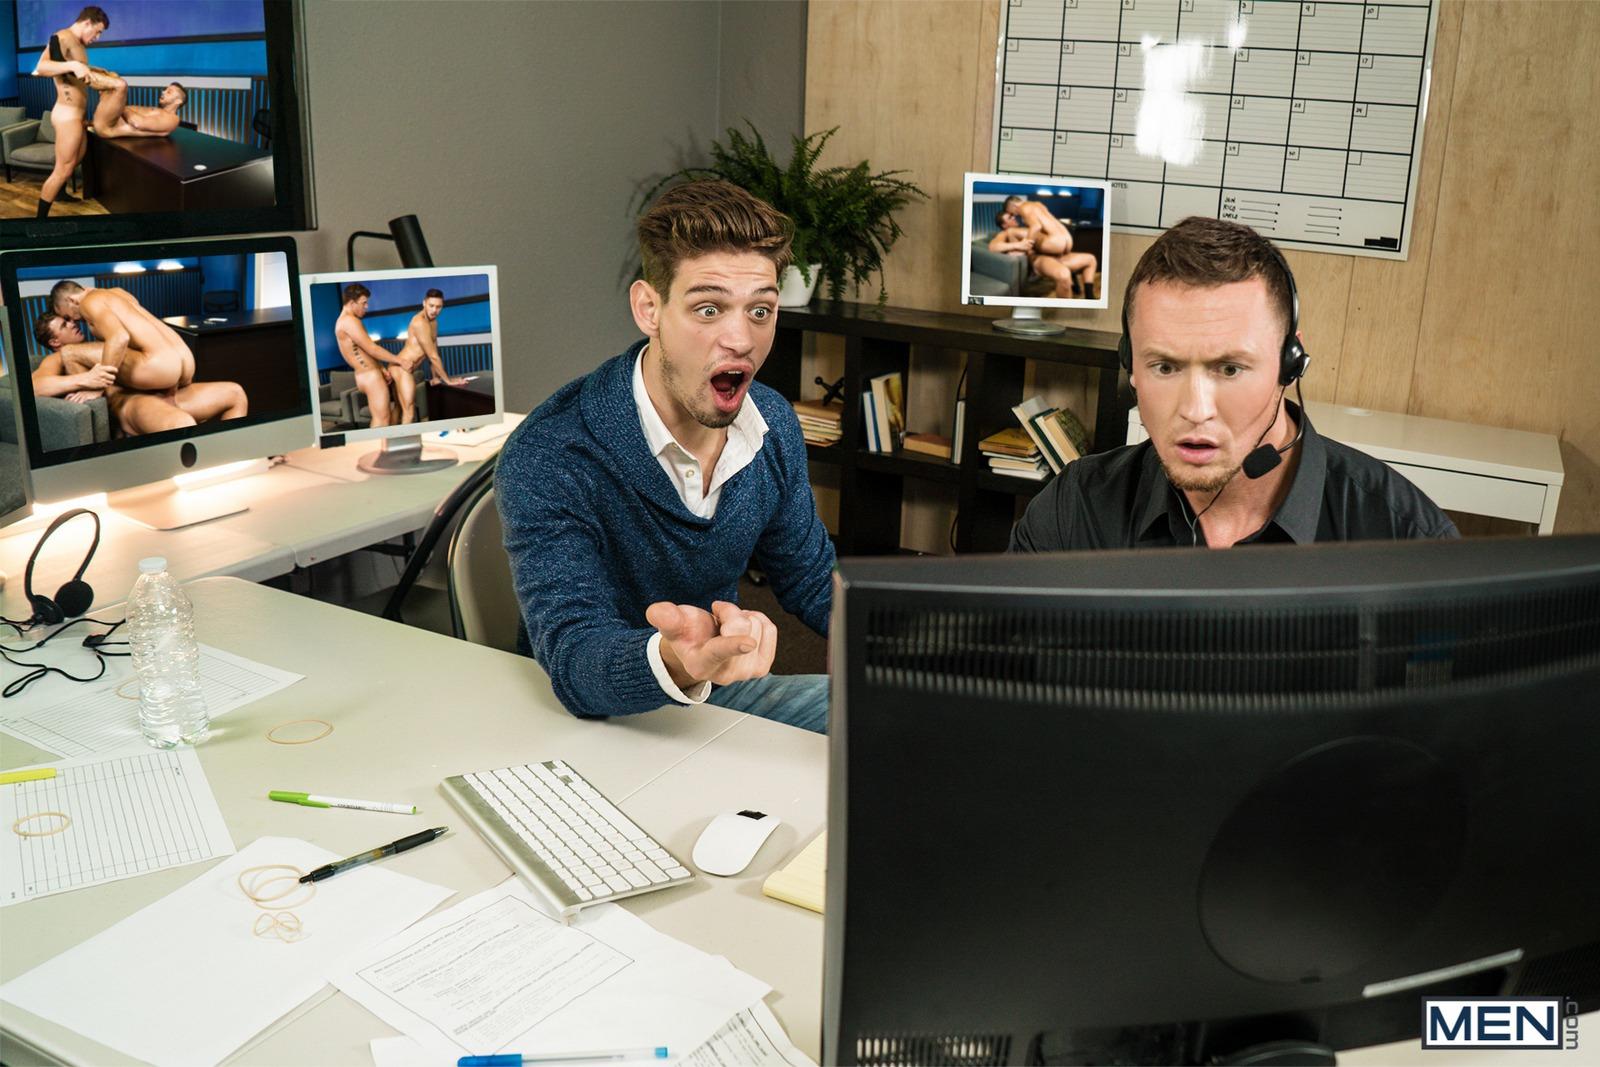 Porn sites fir free